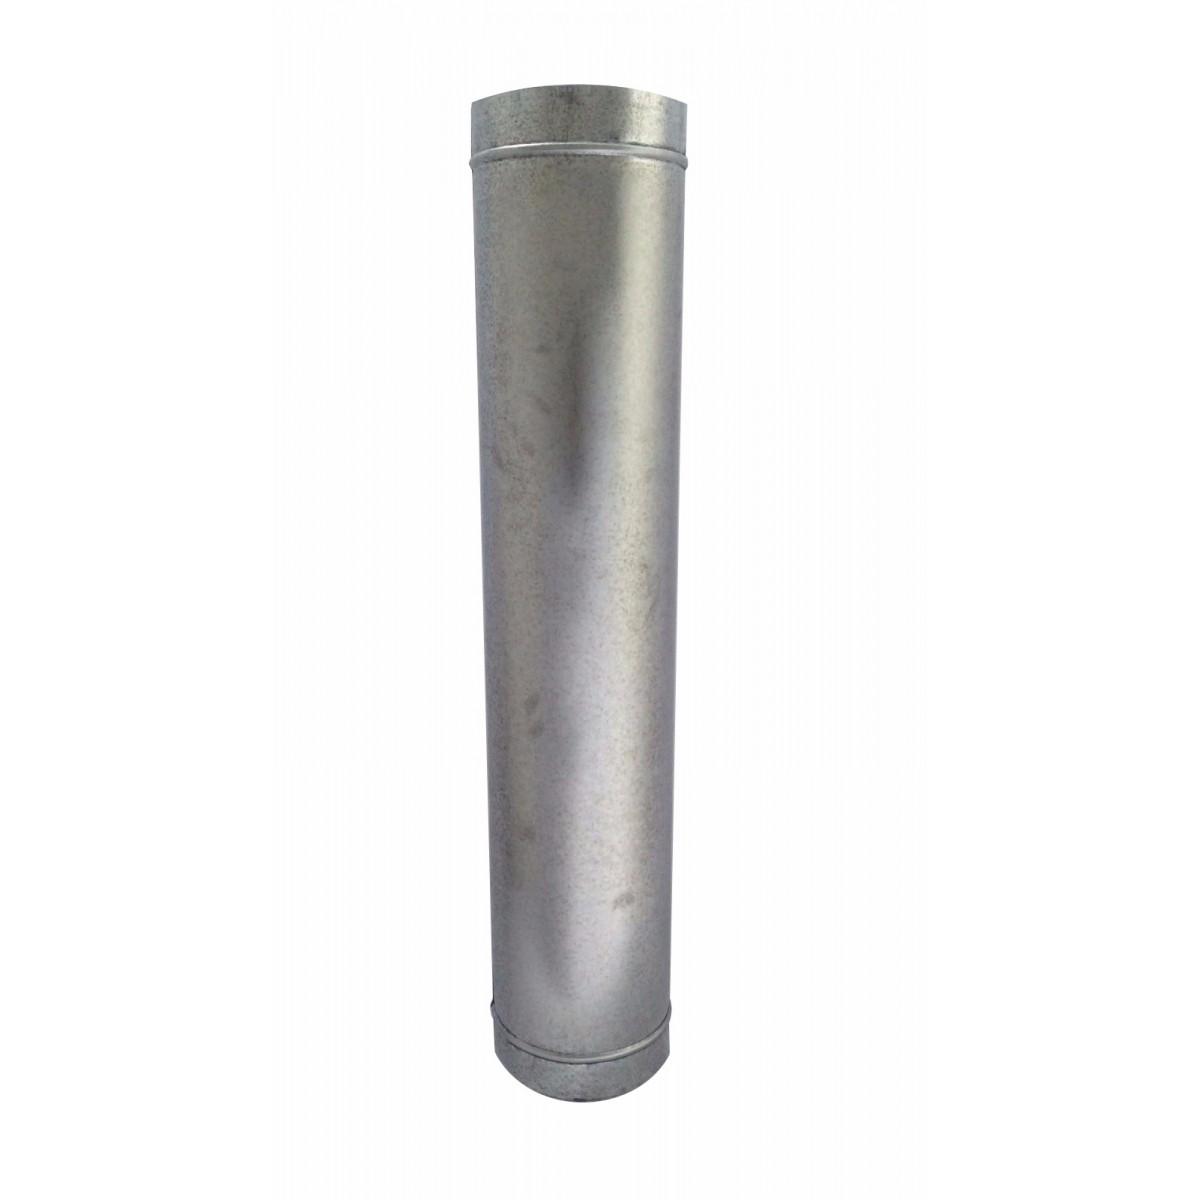 Duto galvanizado para chaminé de 150 mm de diâmetro  - Galvocalhas